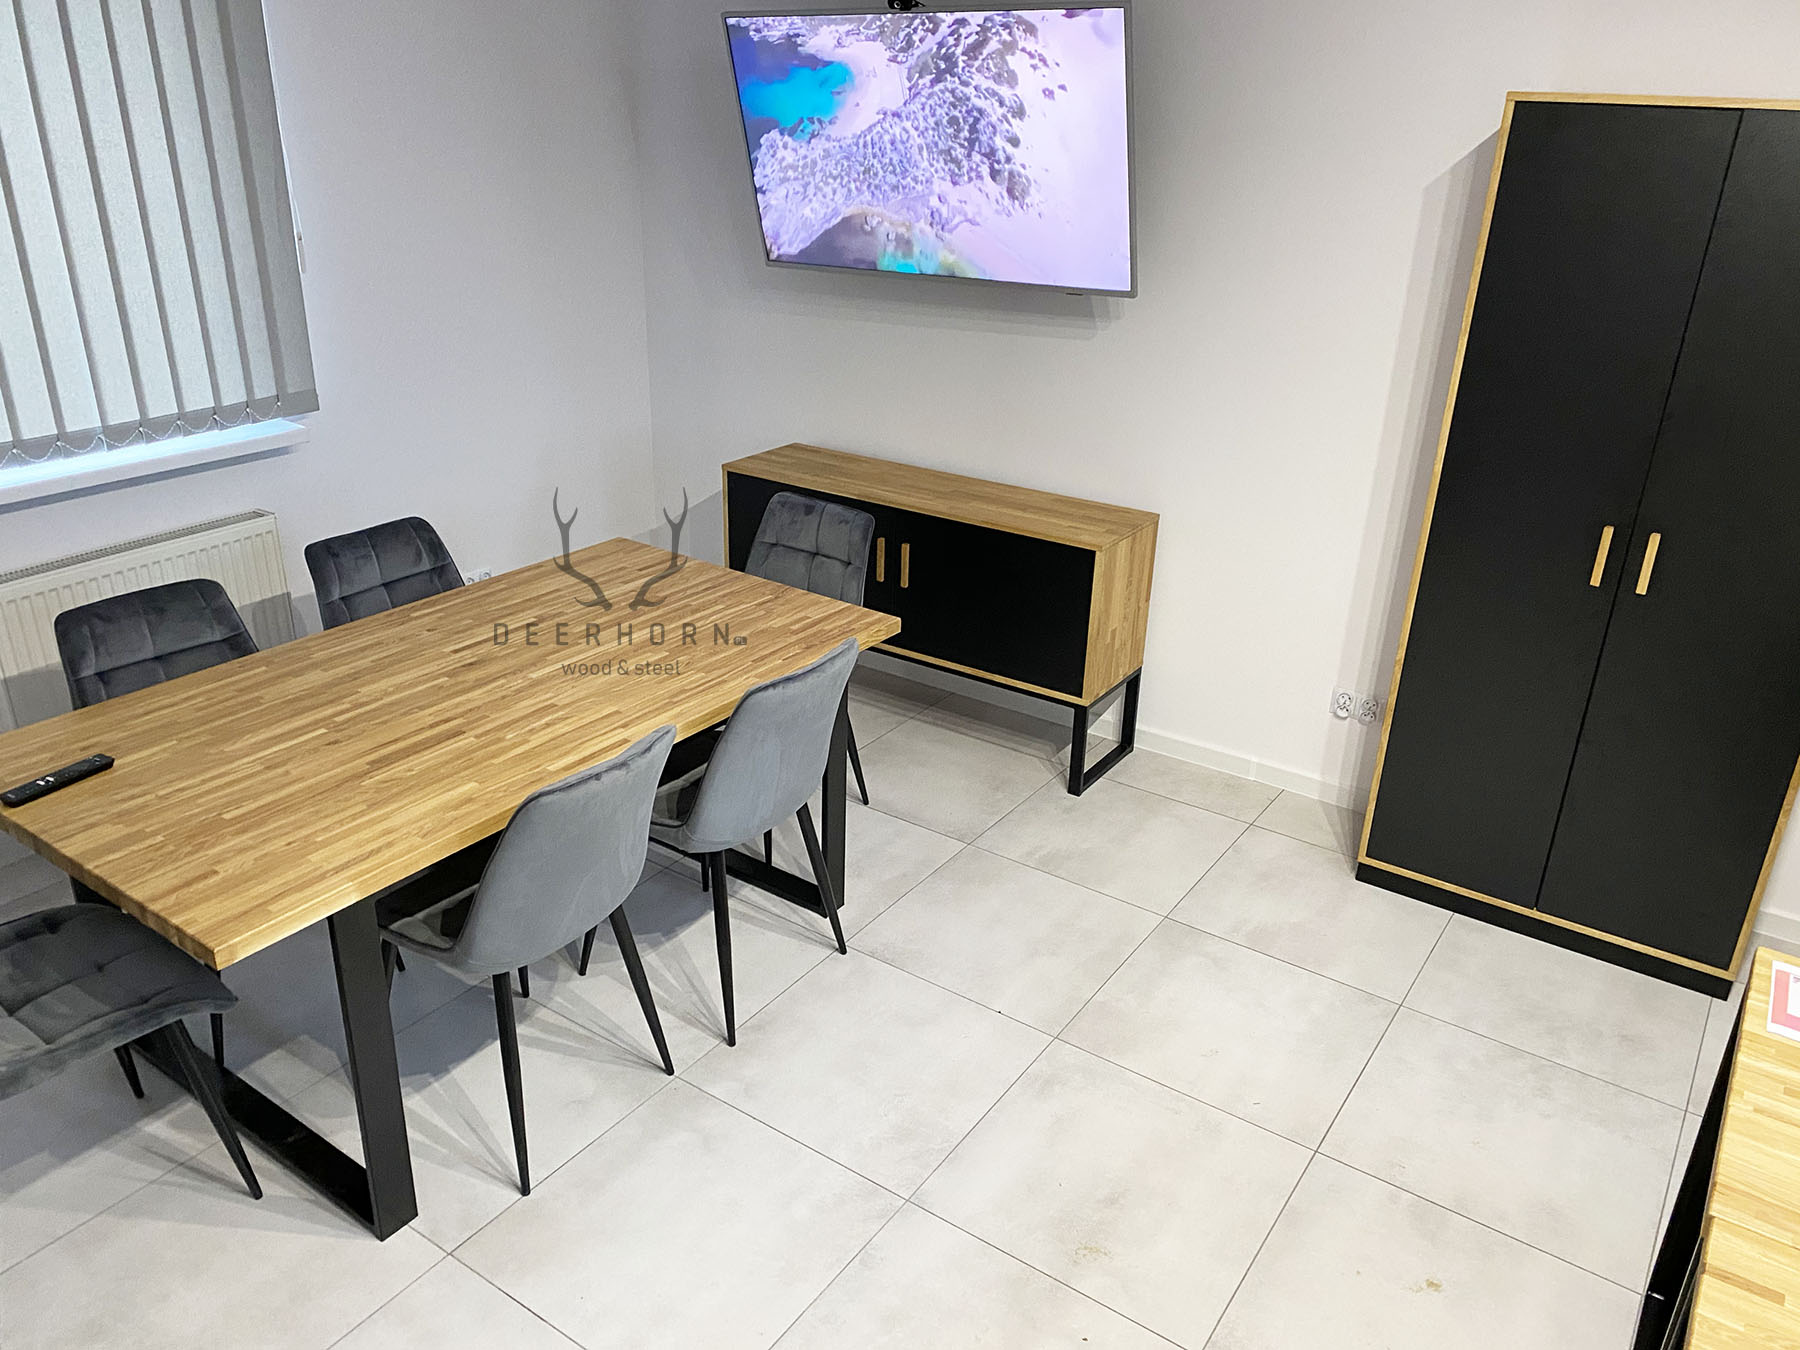 biurowe meble loftowe